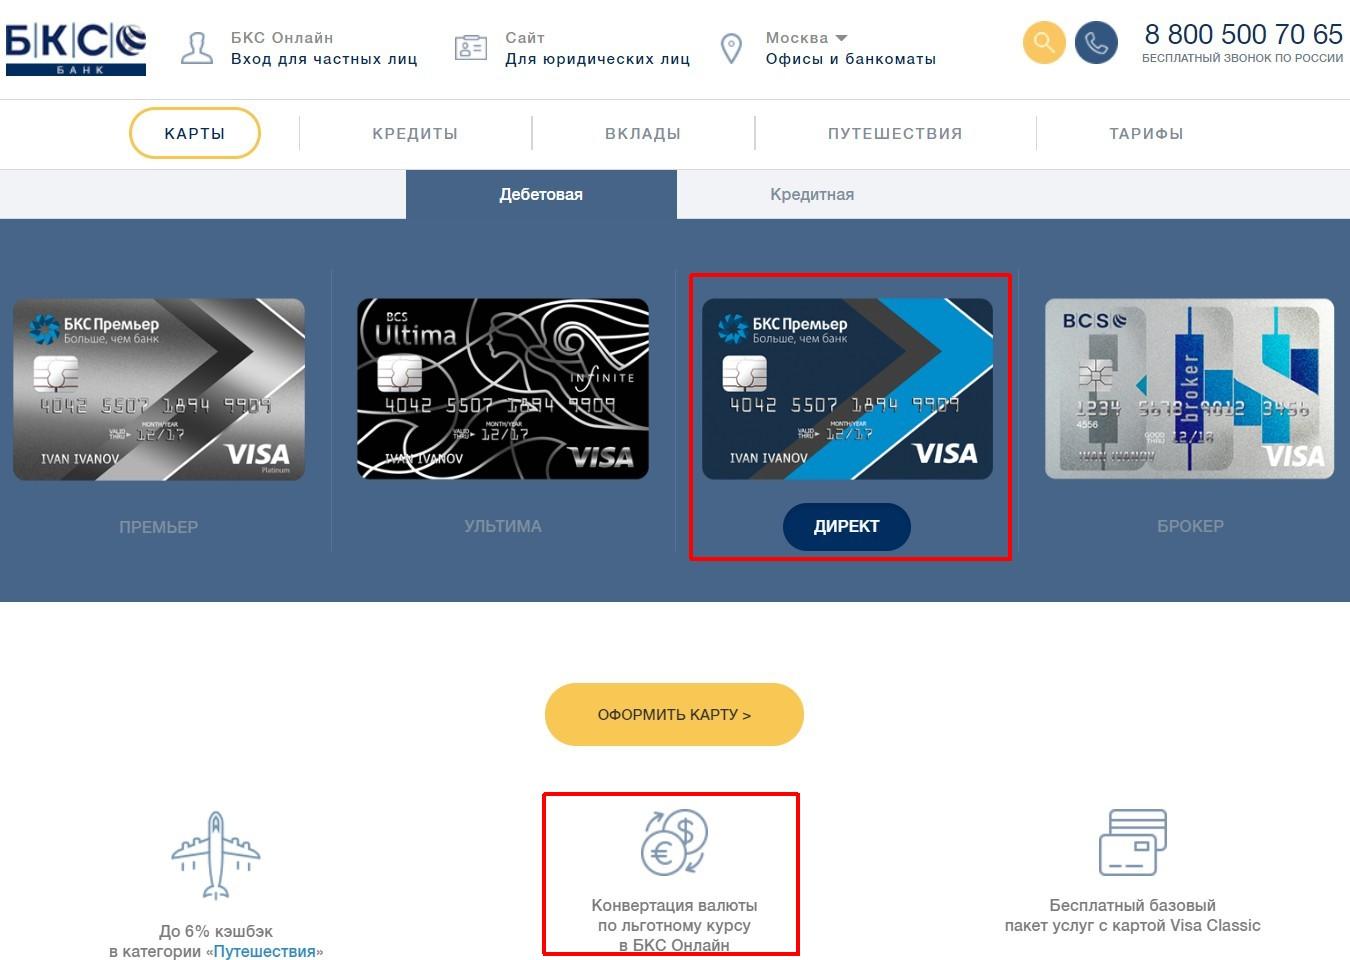 Відділення, банкомати та партнери по Україні - UKRSIBBANK